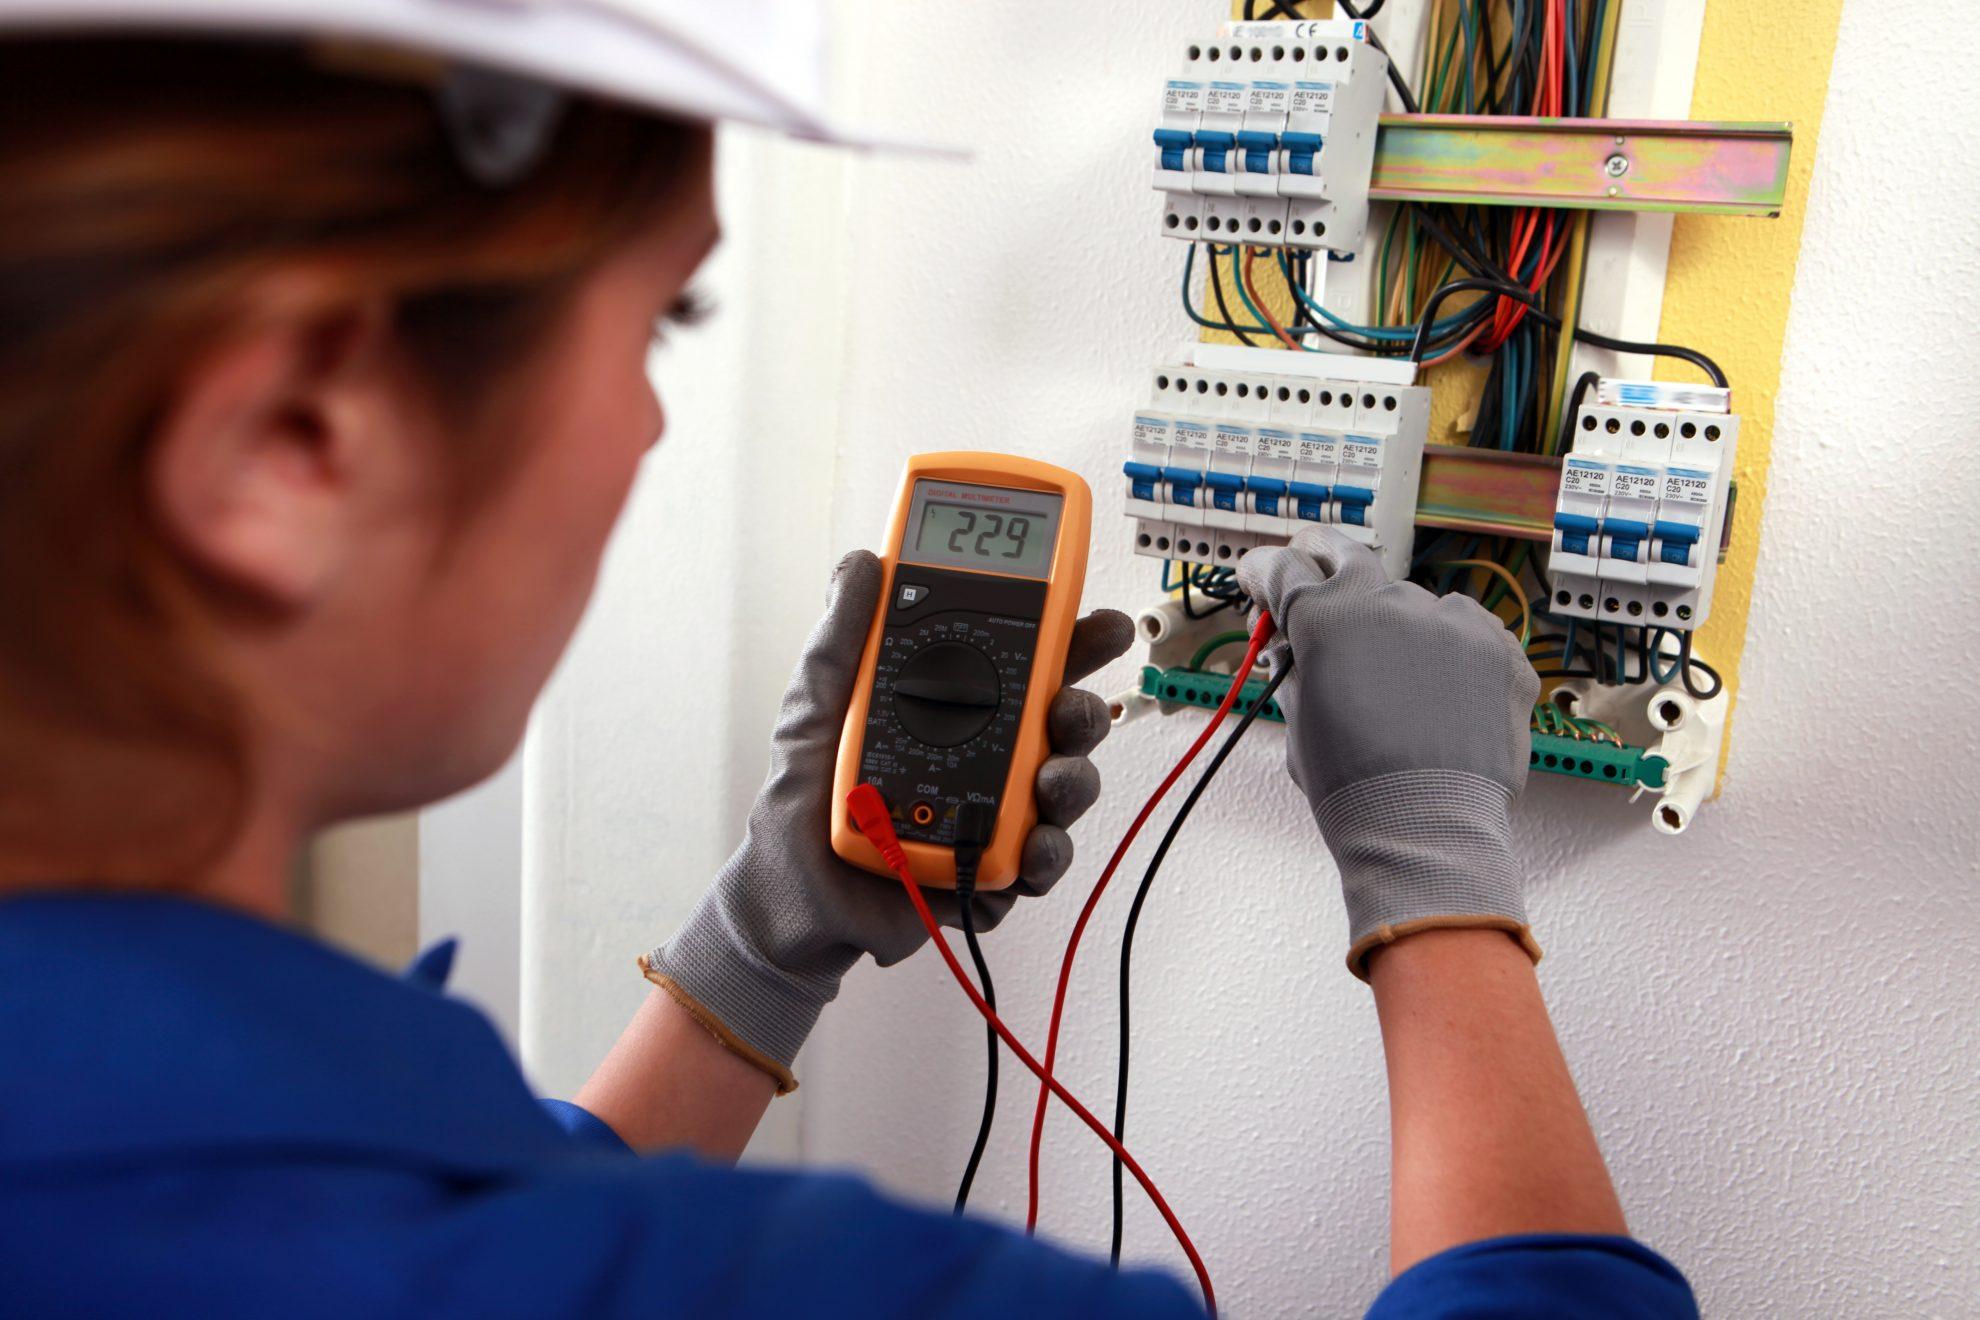 Elektrikerin bei der Arbeit